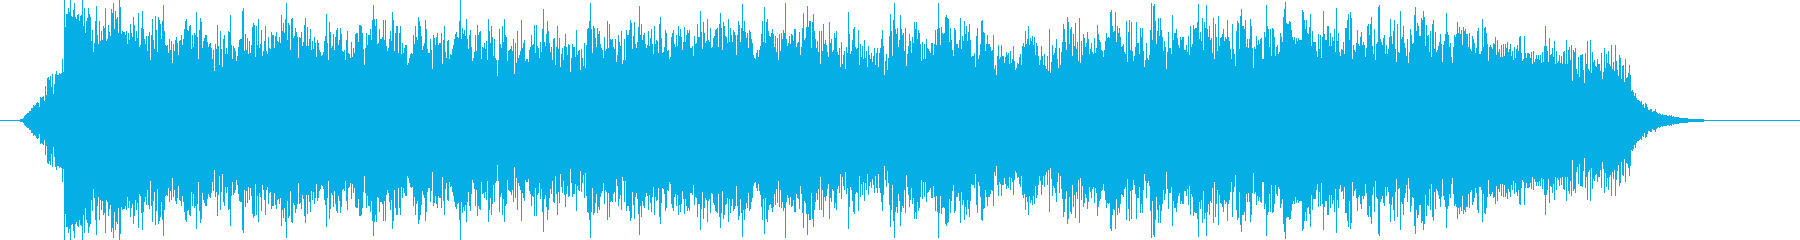 アニソンイントロ風の疾走感あるジングルの再生済みの波形